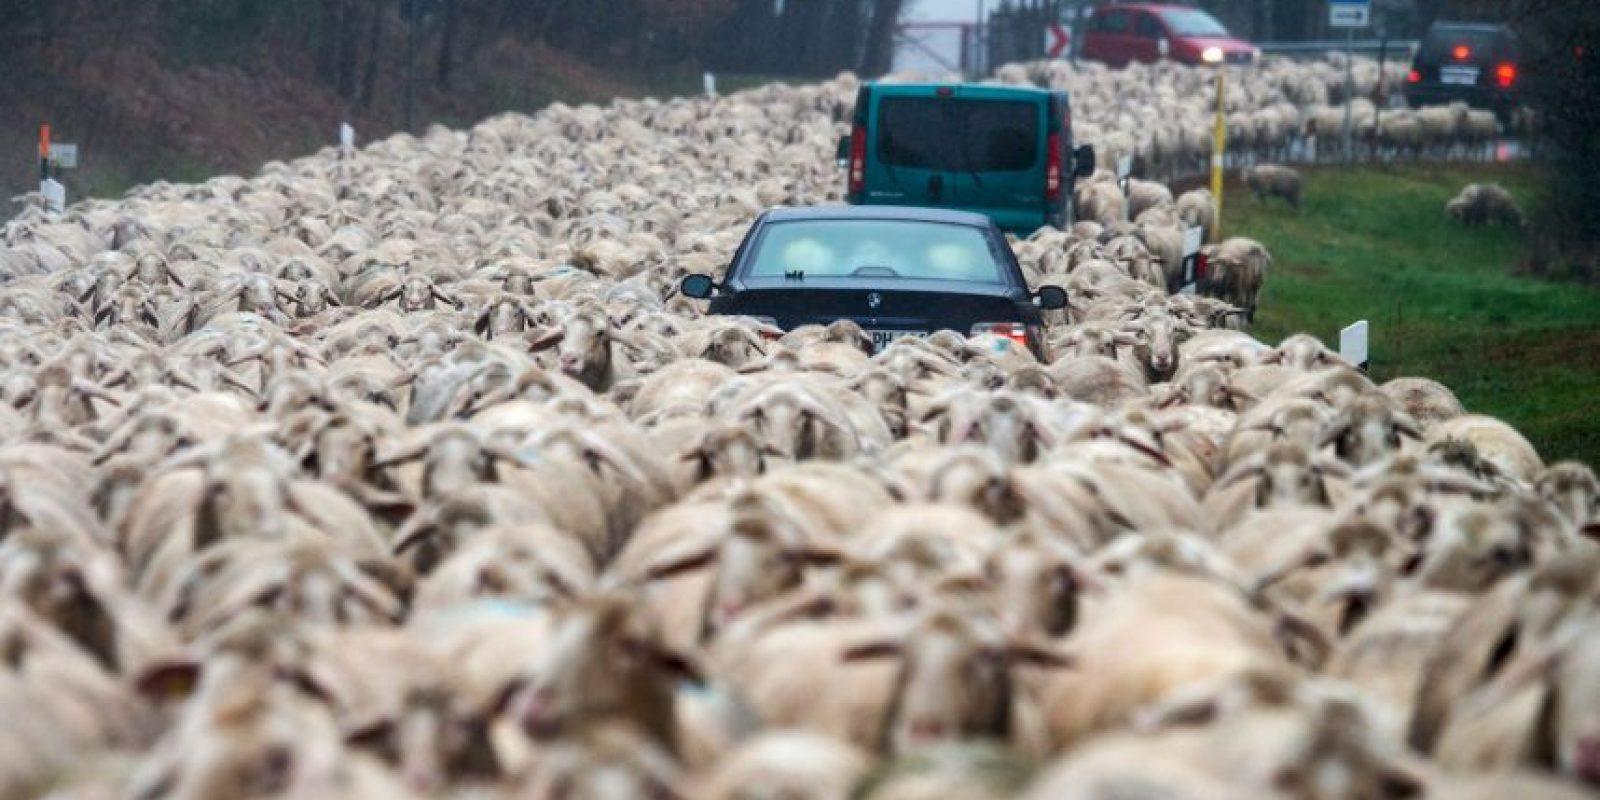 Carros atrapados en un rebaño de ovejas en Alemania. Foto:AFP